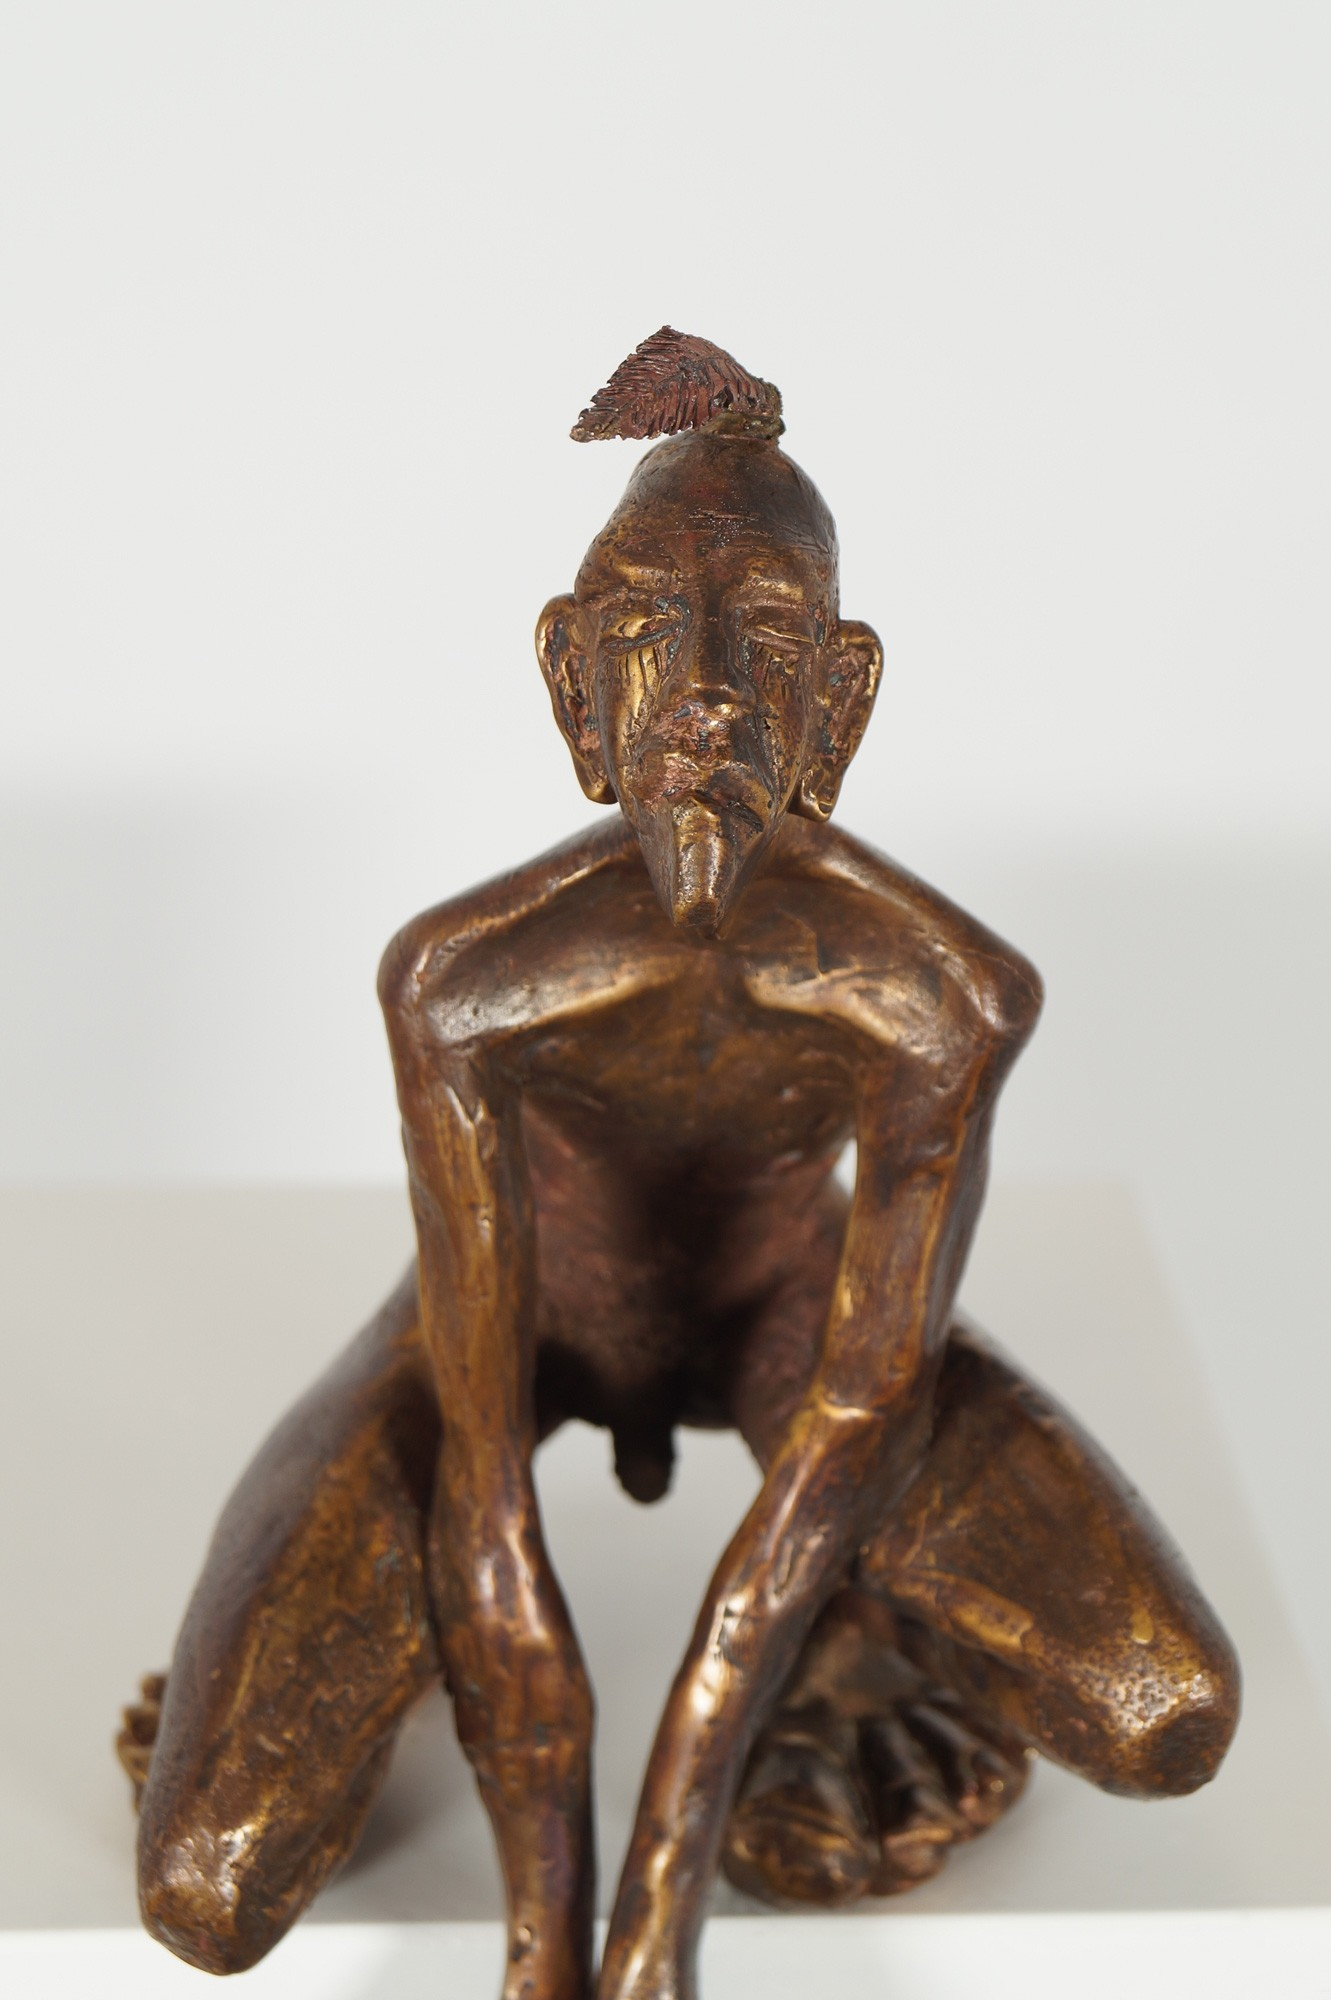 Der Kantenhocker - Deatil, Bronze Plastik, Skulptur von Tim David Trillsam, Edition